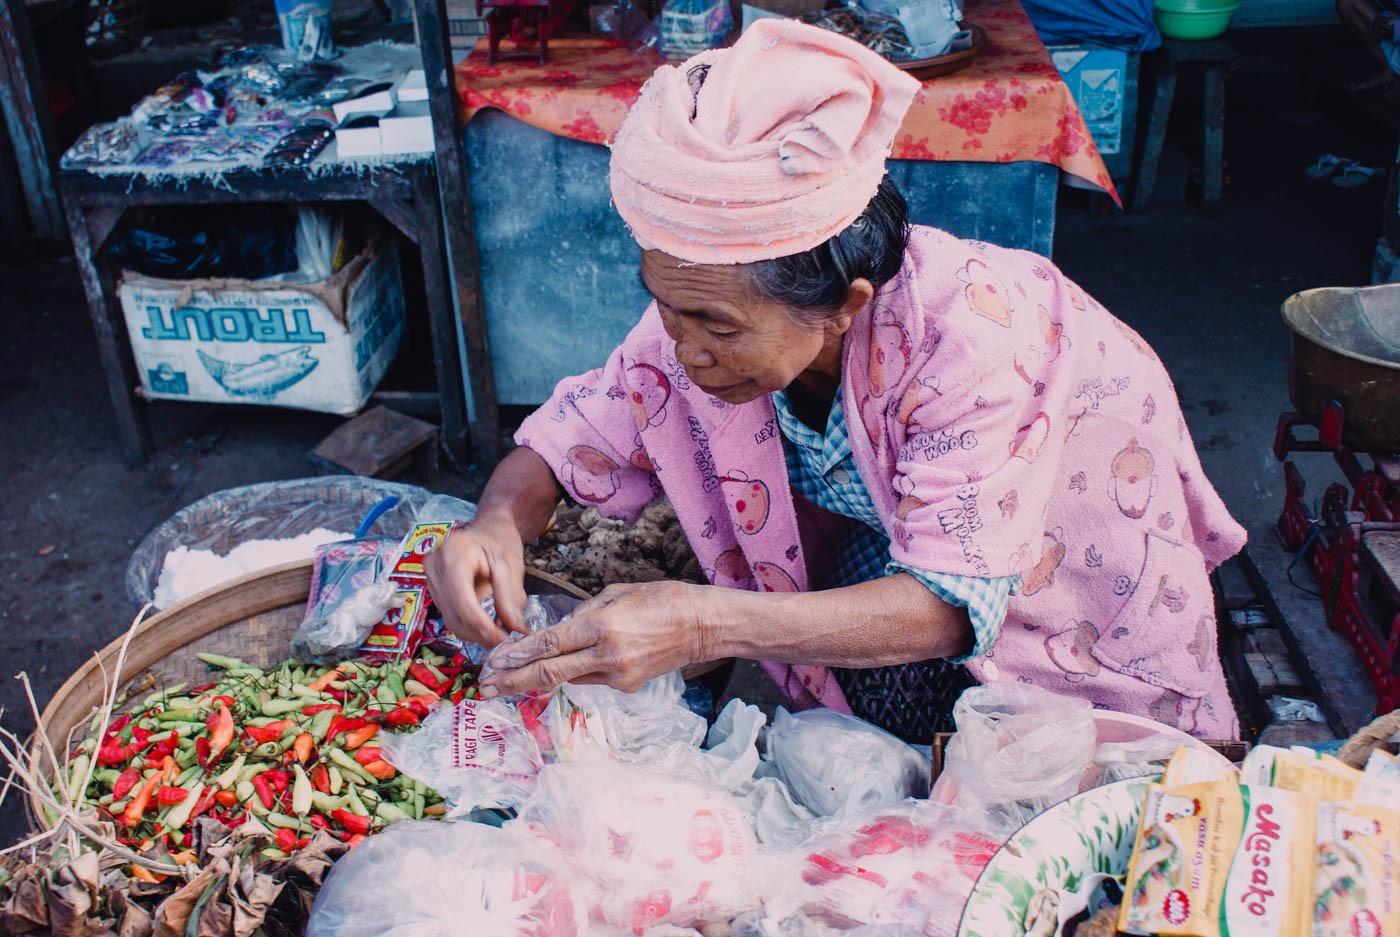 The Bali Food Guide I Bali Travel I Food I Indonesia I Travel #traveldestinations #food #bali #indonesia 1-1